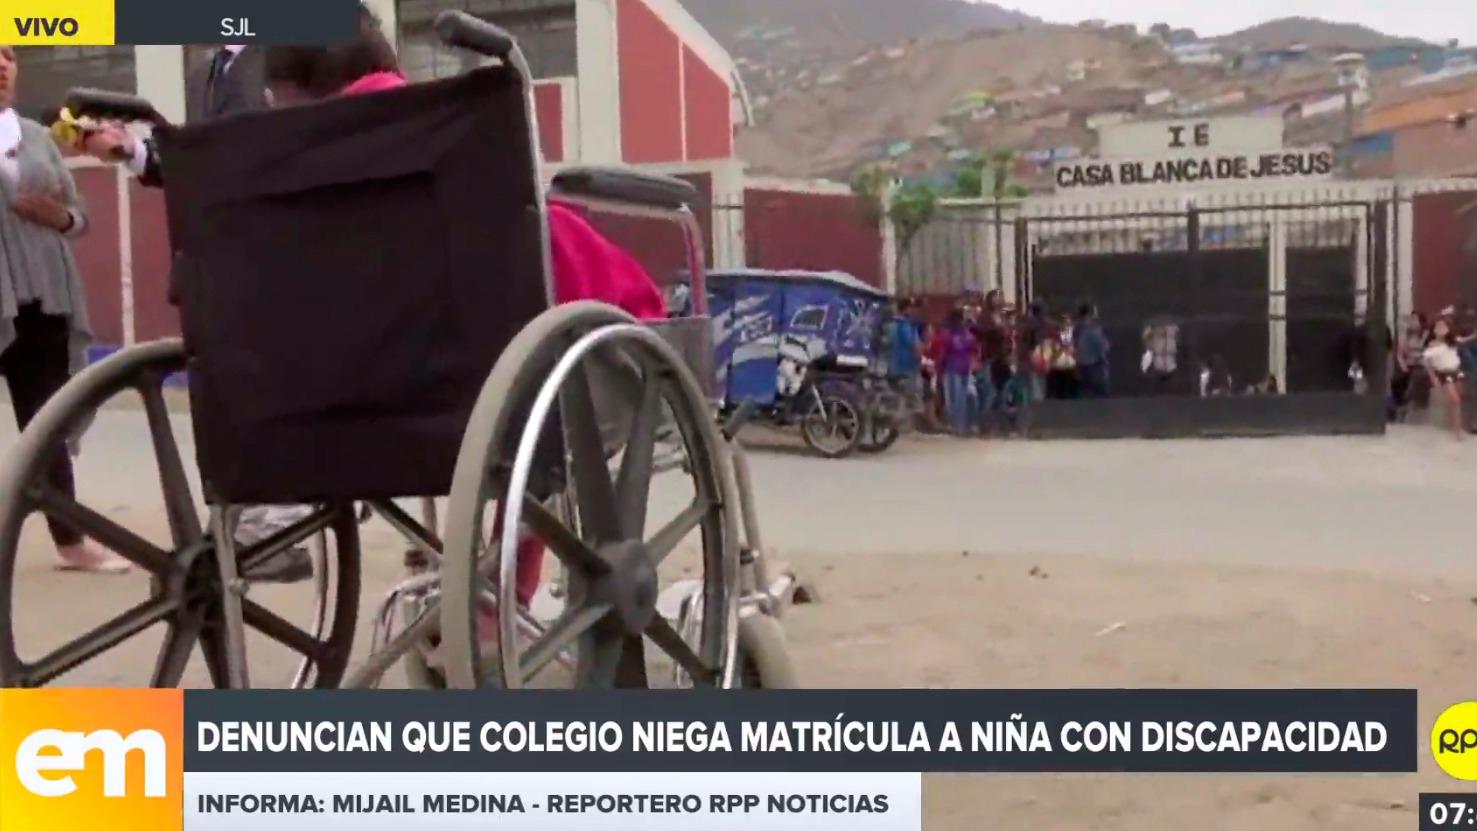 Denuncian que colegio niega matrícula a niña con discapacidad en San Juan de Lurigancho.